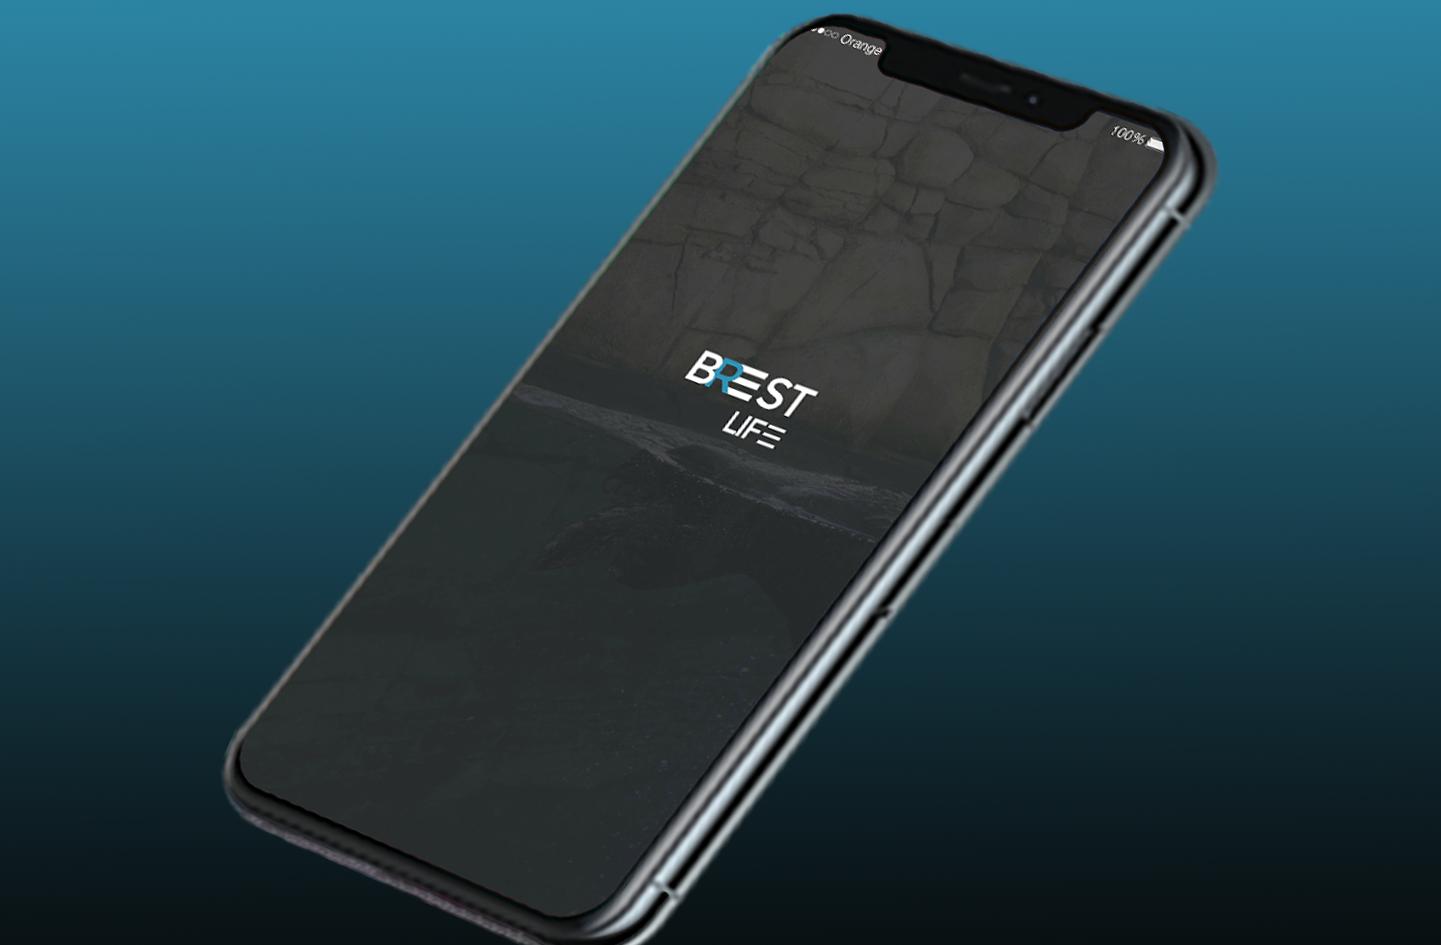 développement mobile agence design ios java swift reactnative apple android likeweb création d'application paris